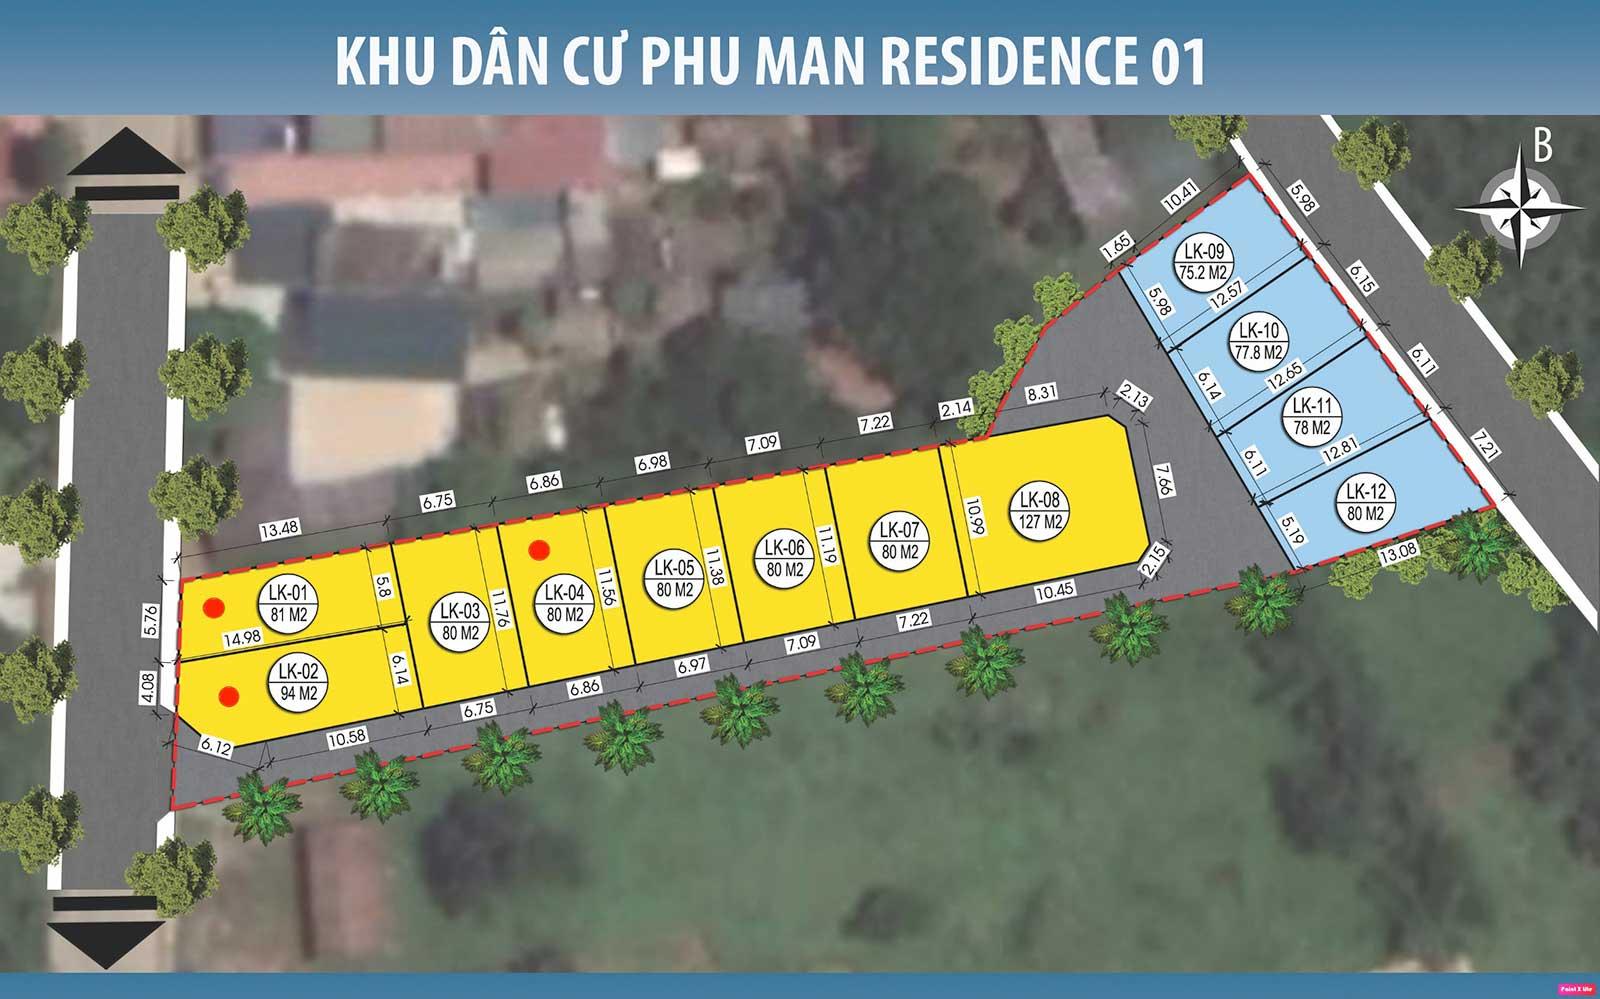 Mặt bằng phân lô khu đất thổ cư 12 lô Phú Mãn Residence 01